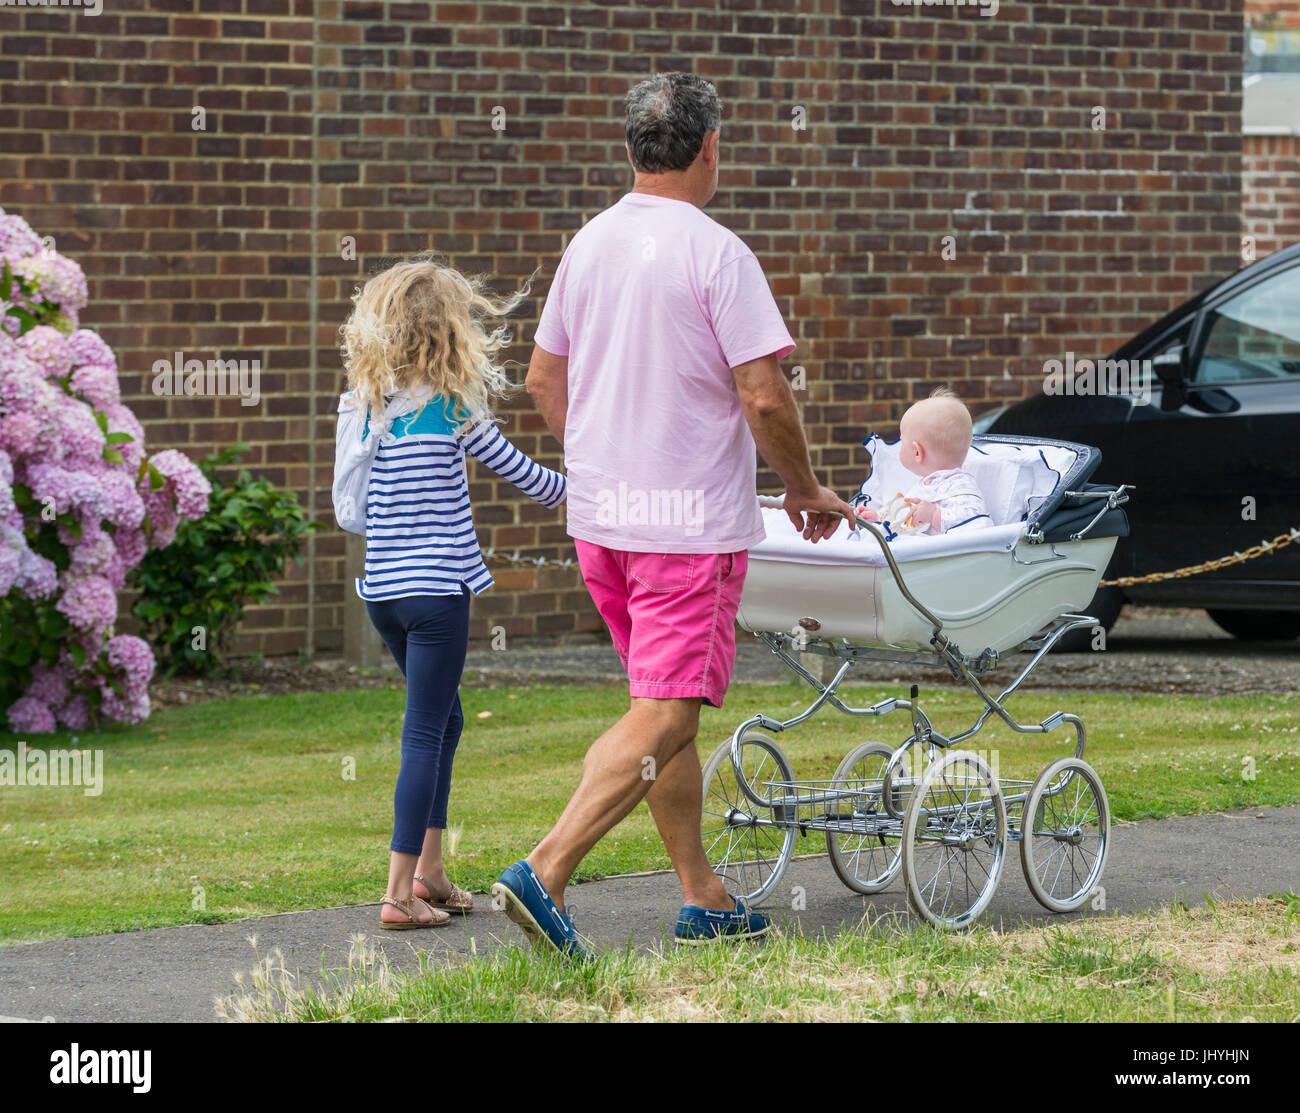 Hombre caminando con un niño y empujando un cochecito con un bebé. Familias monoparentales. Imagen De Stock